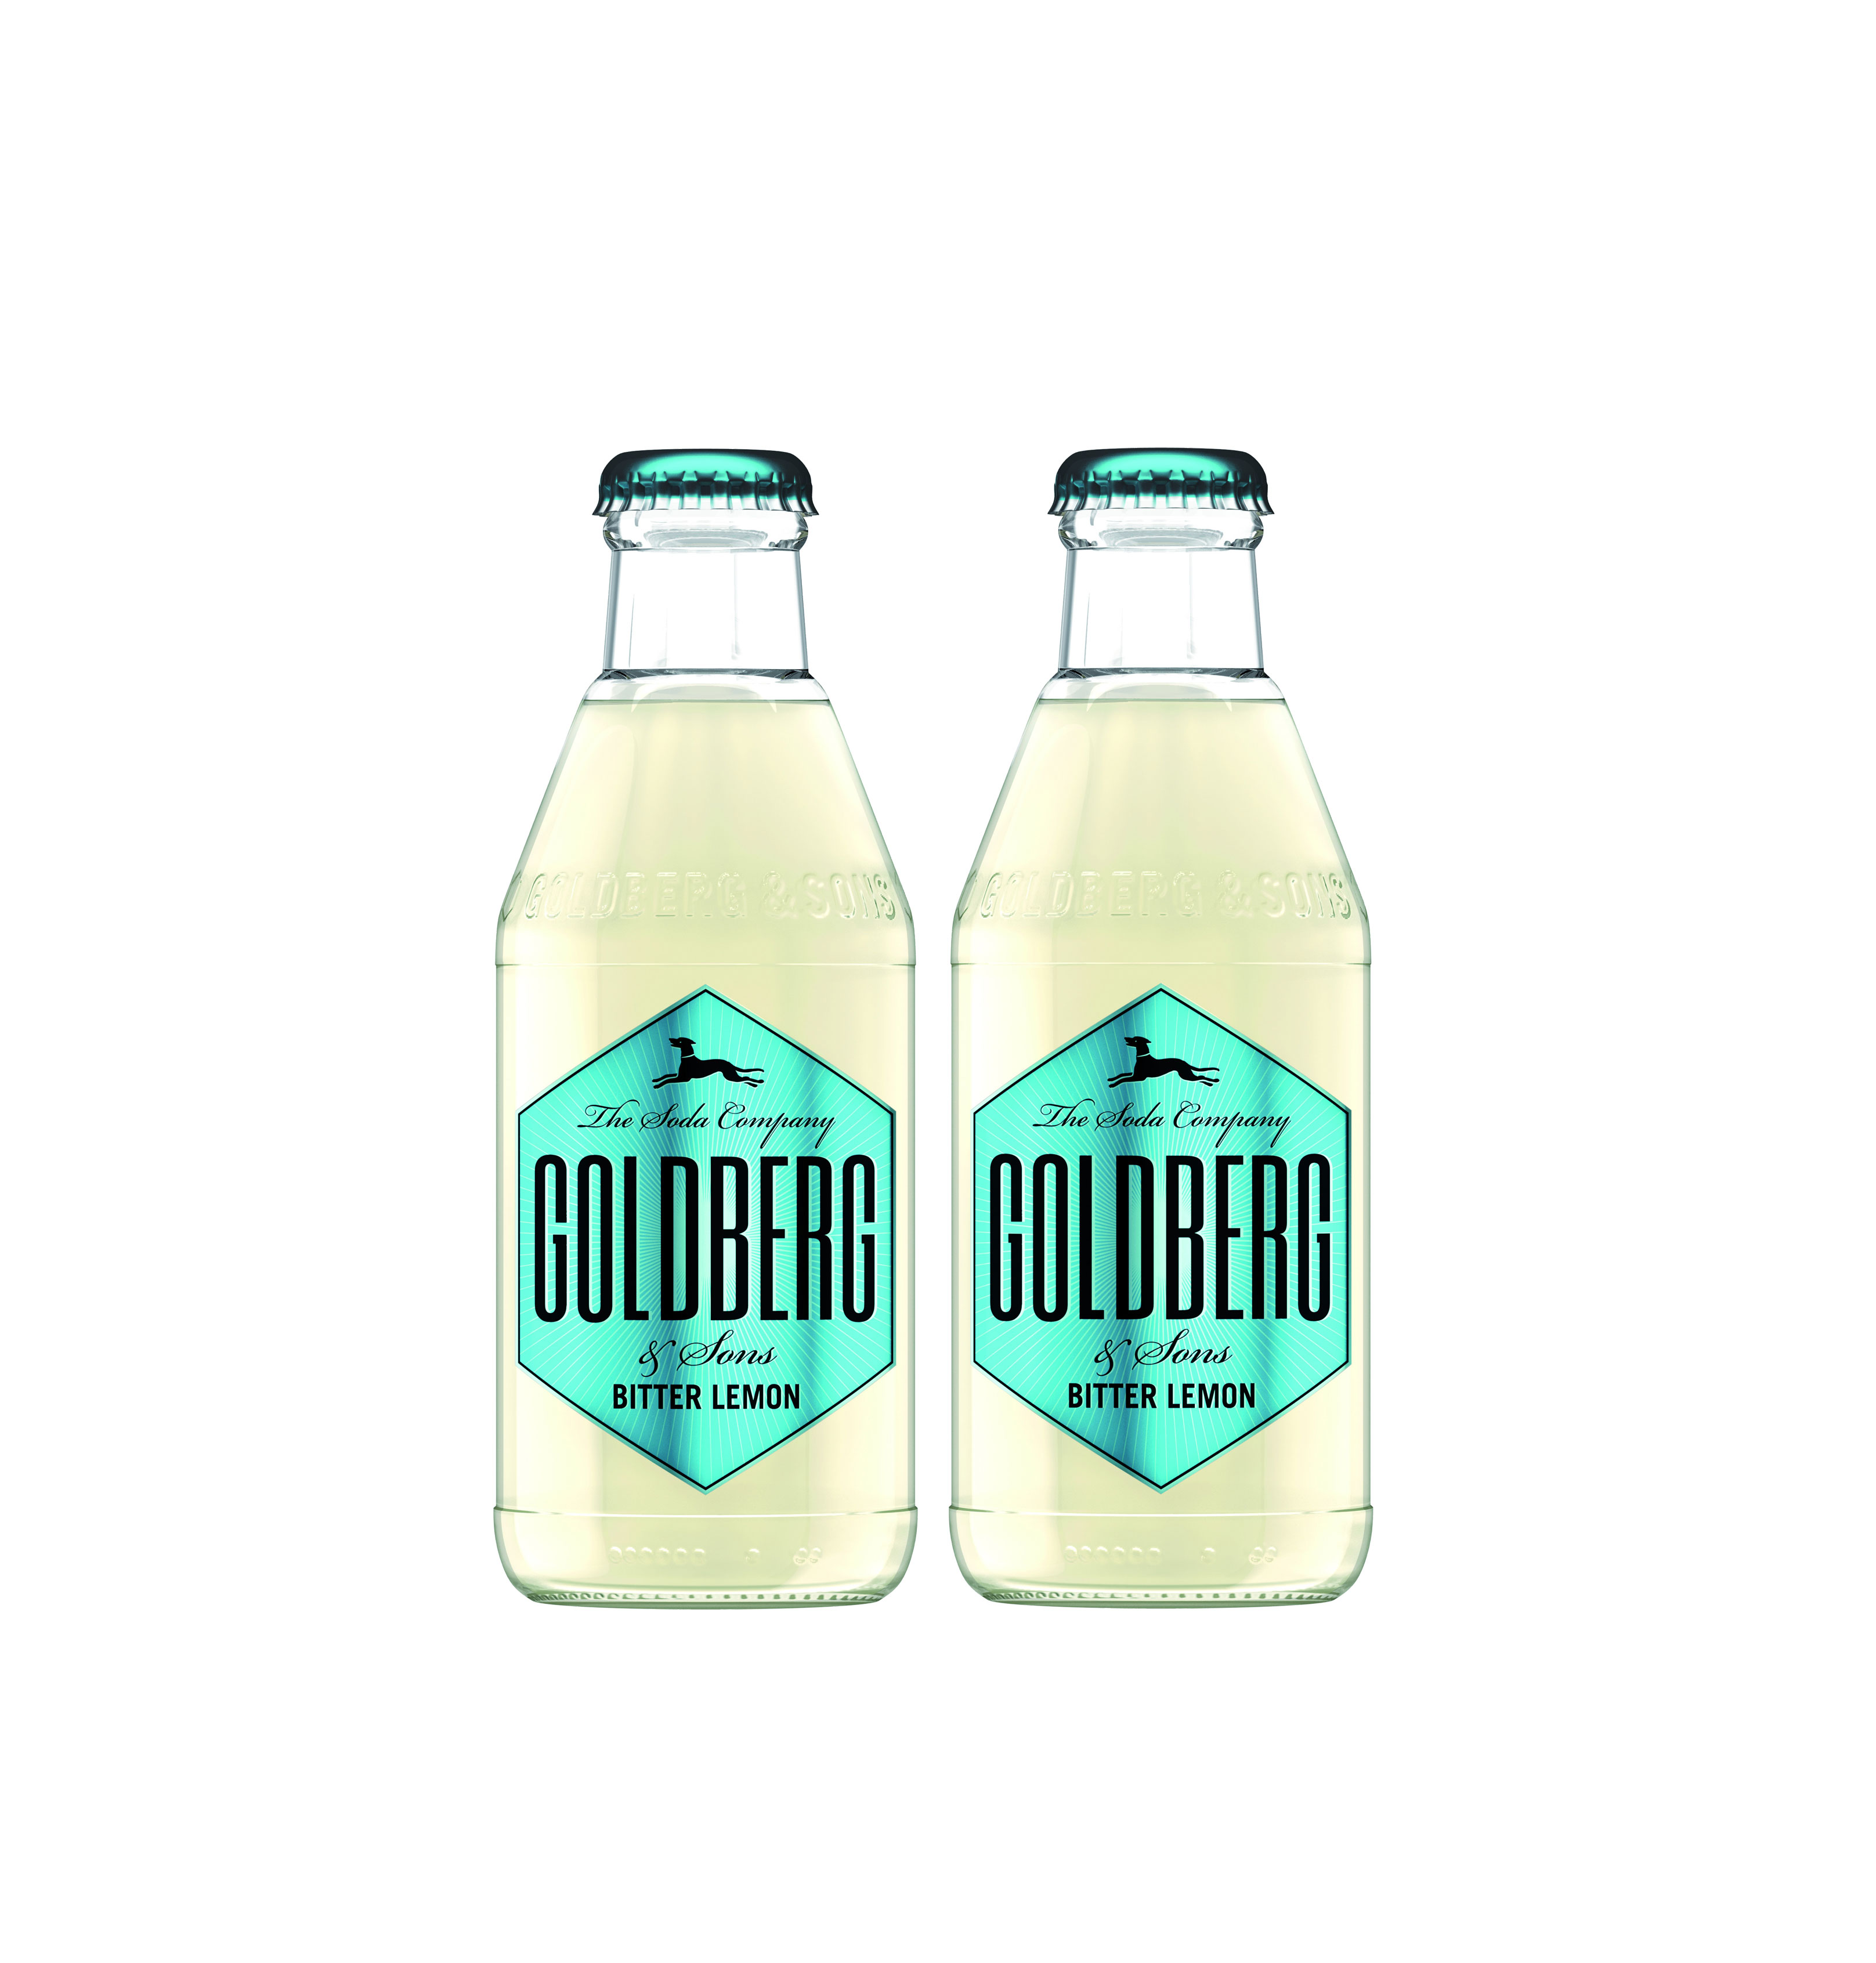 Goldberg Bitter Lemon 2er Set - 2x200ml Inkl. Pfand MEHRWEG